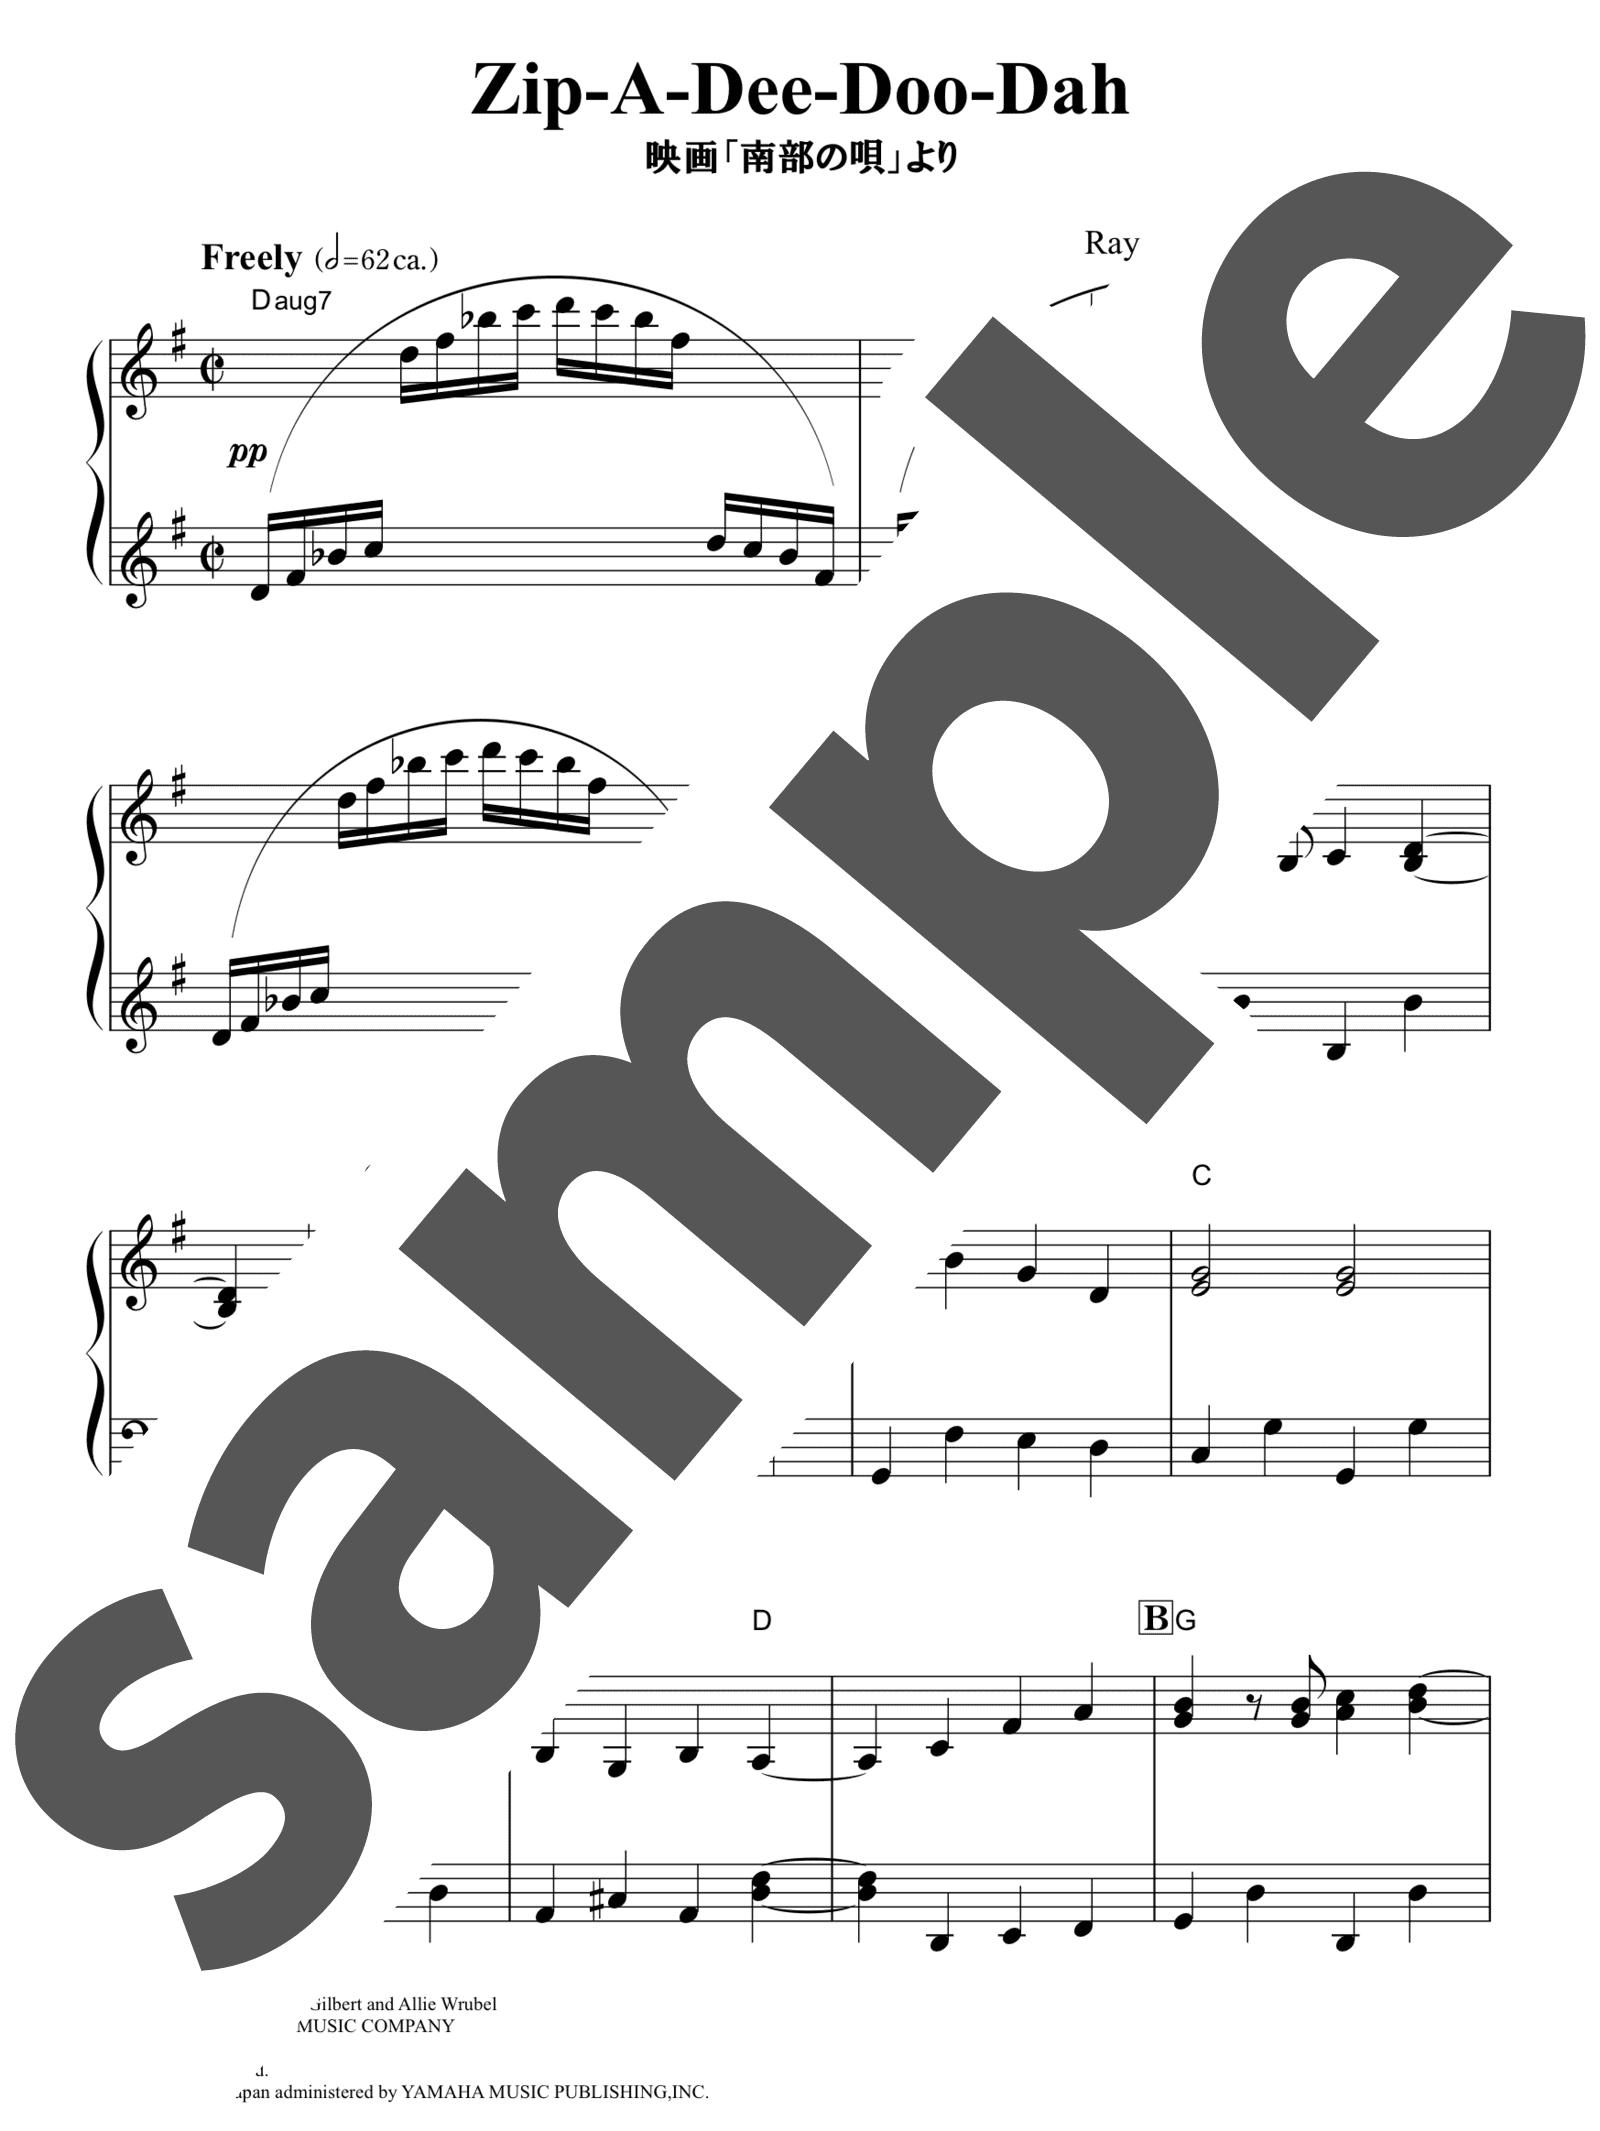 「ジッパ・ディー・ドゥー・ダー」のサンプル楽譜